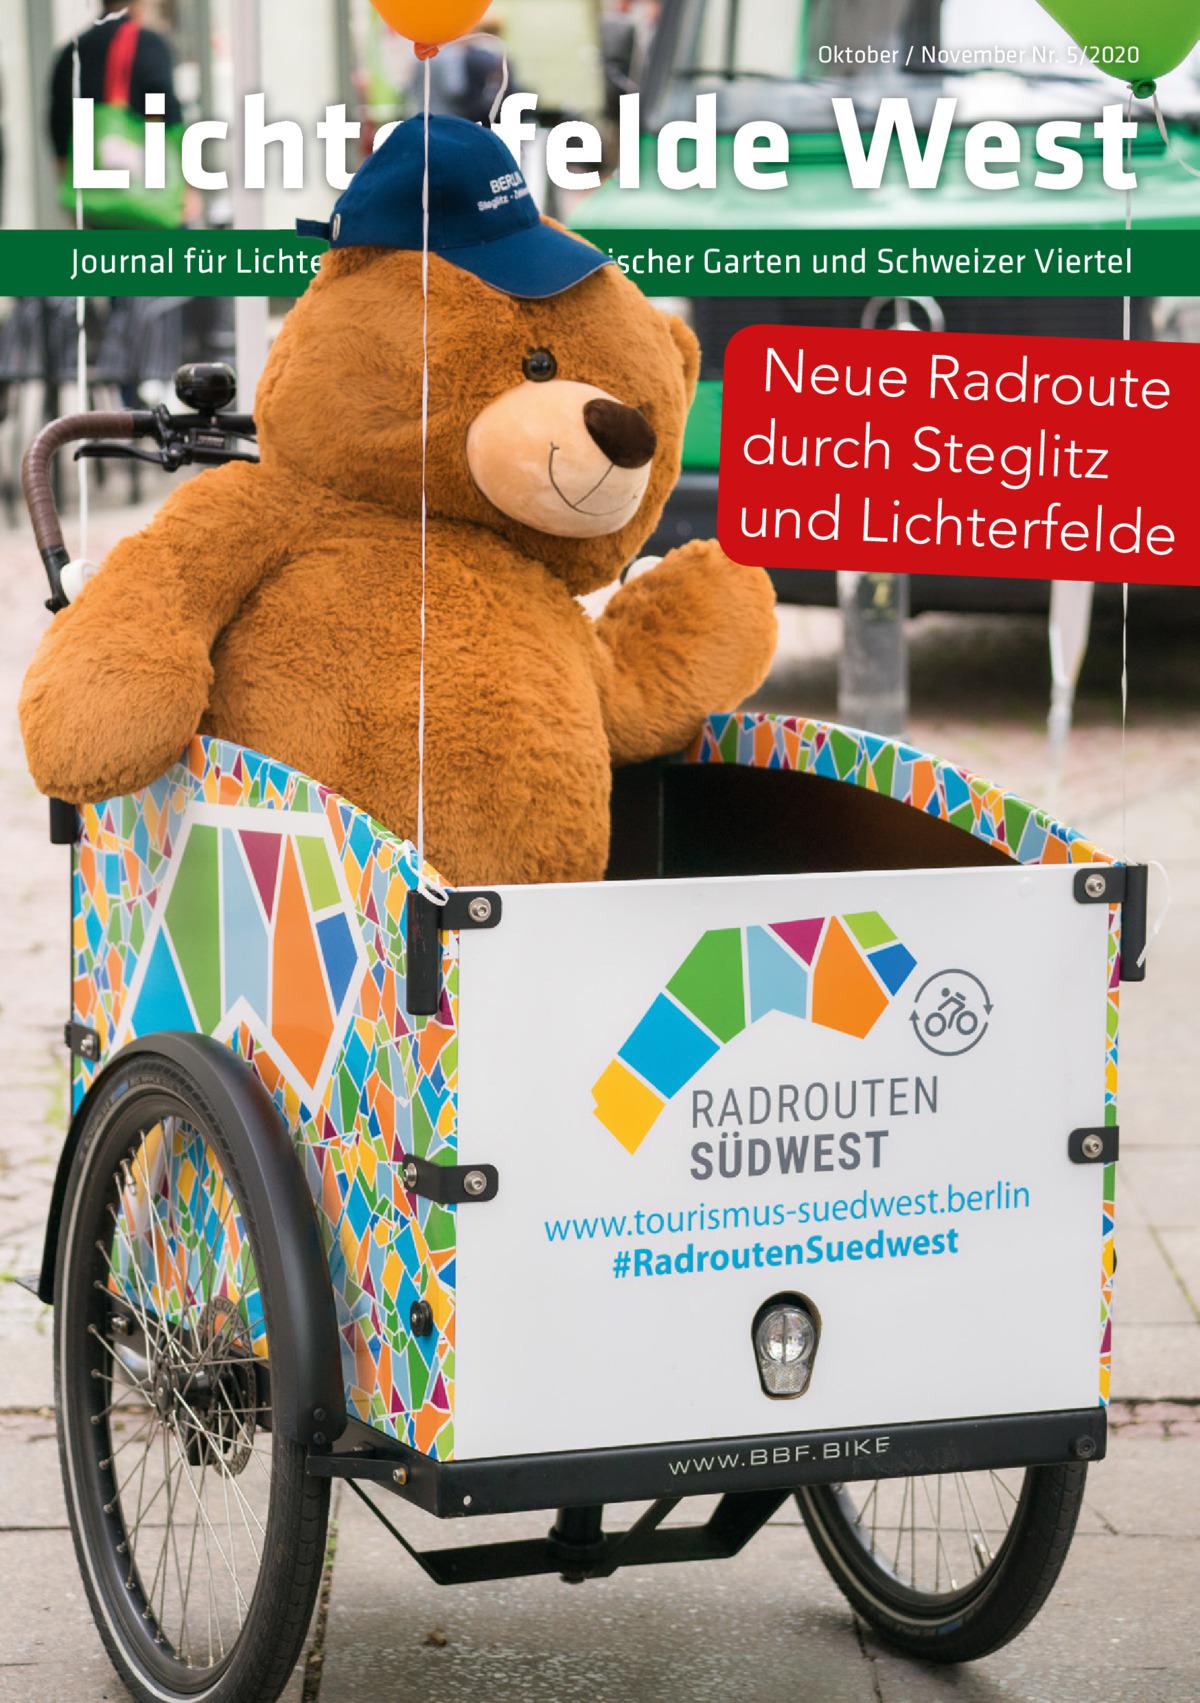 Oktober / November Nr. 5/2020  Lichterfelde West Journal für Lichterfelde West, Botanischer Garten und Schweizer Viertel  Neue Radroute durch Steglitz und Lichterfelde